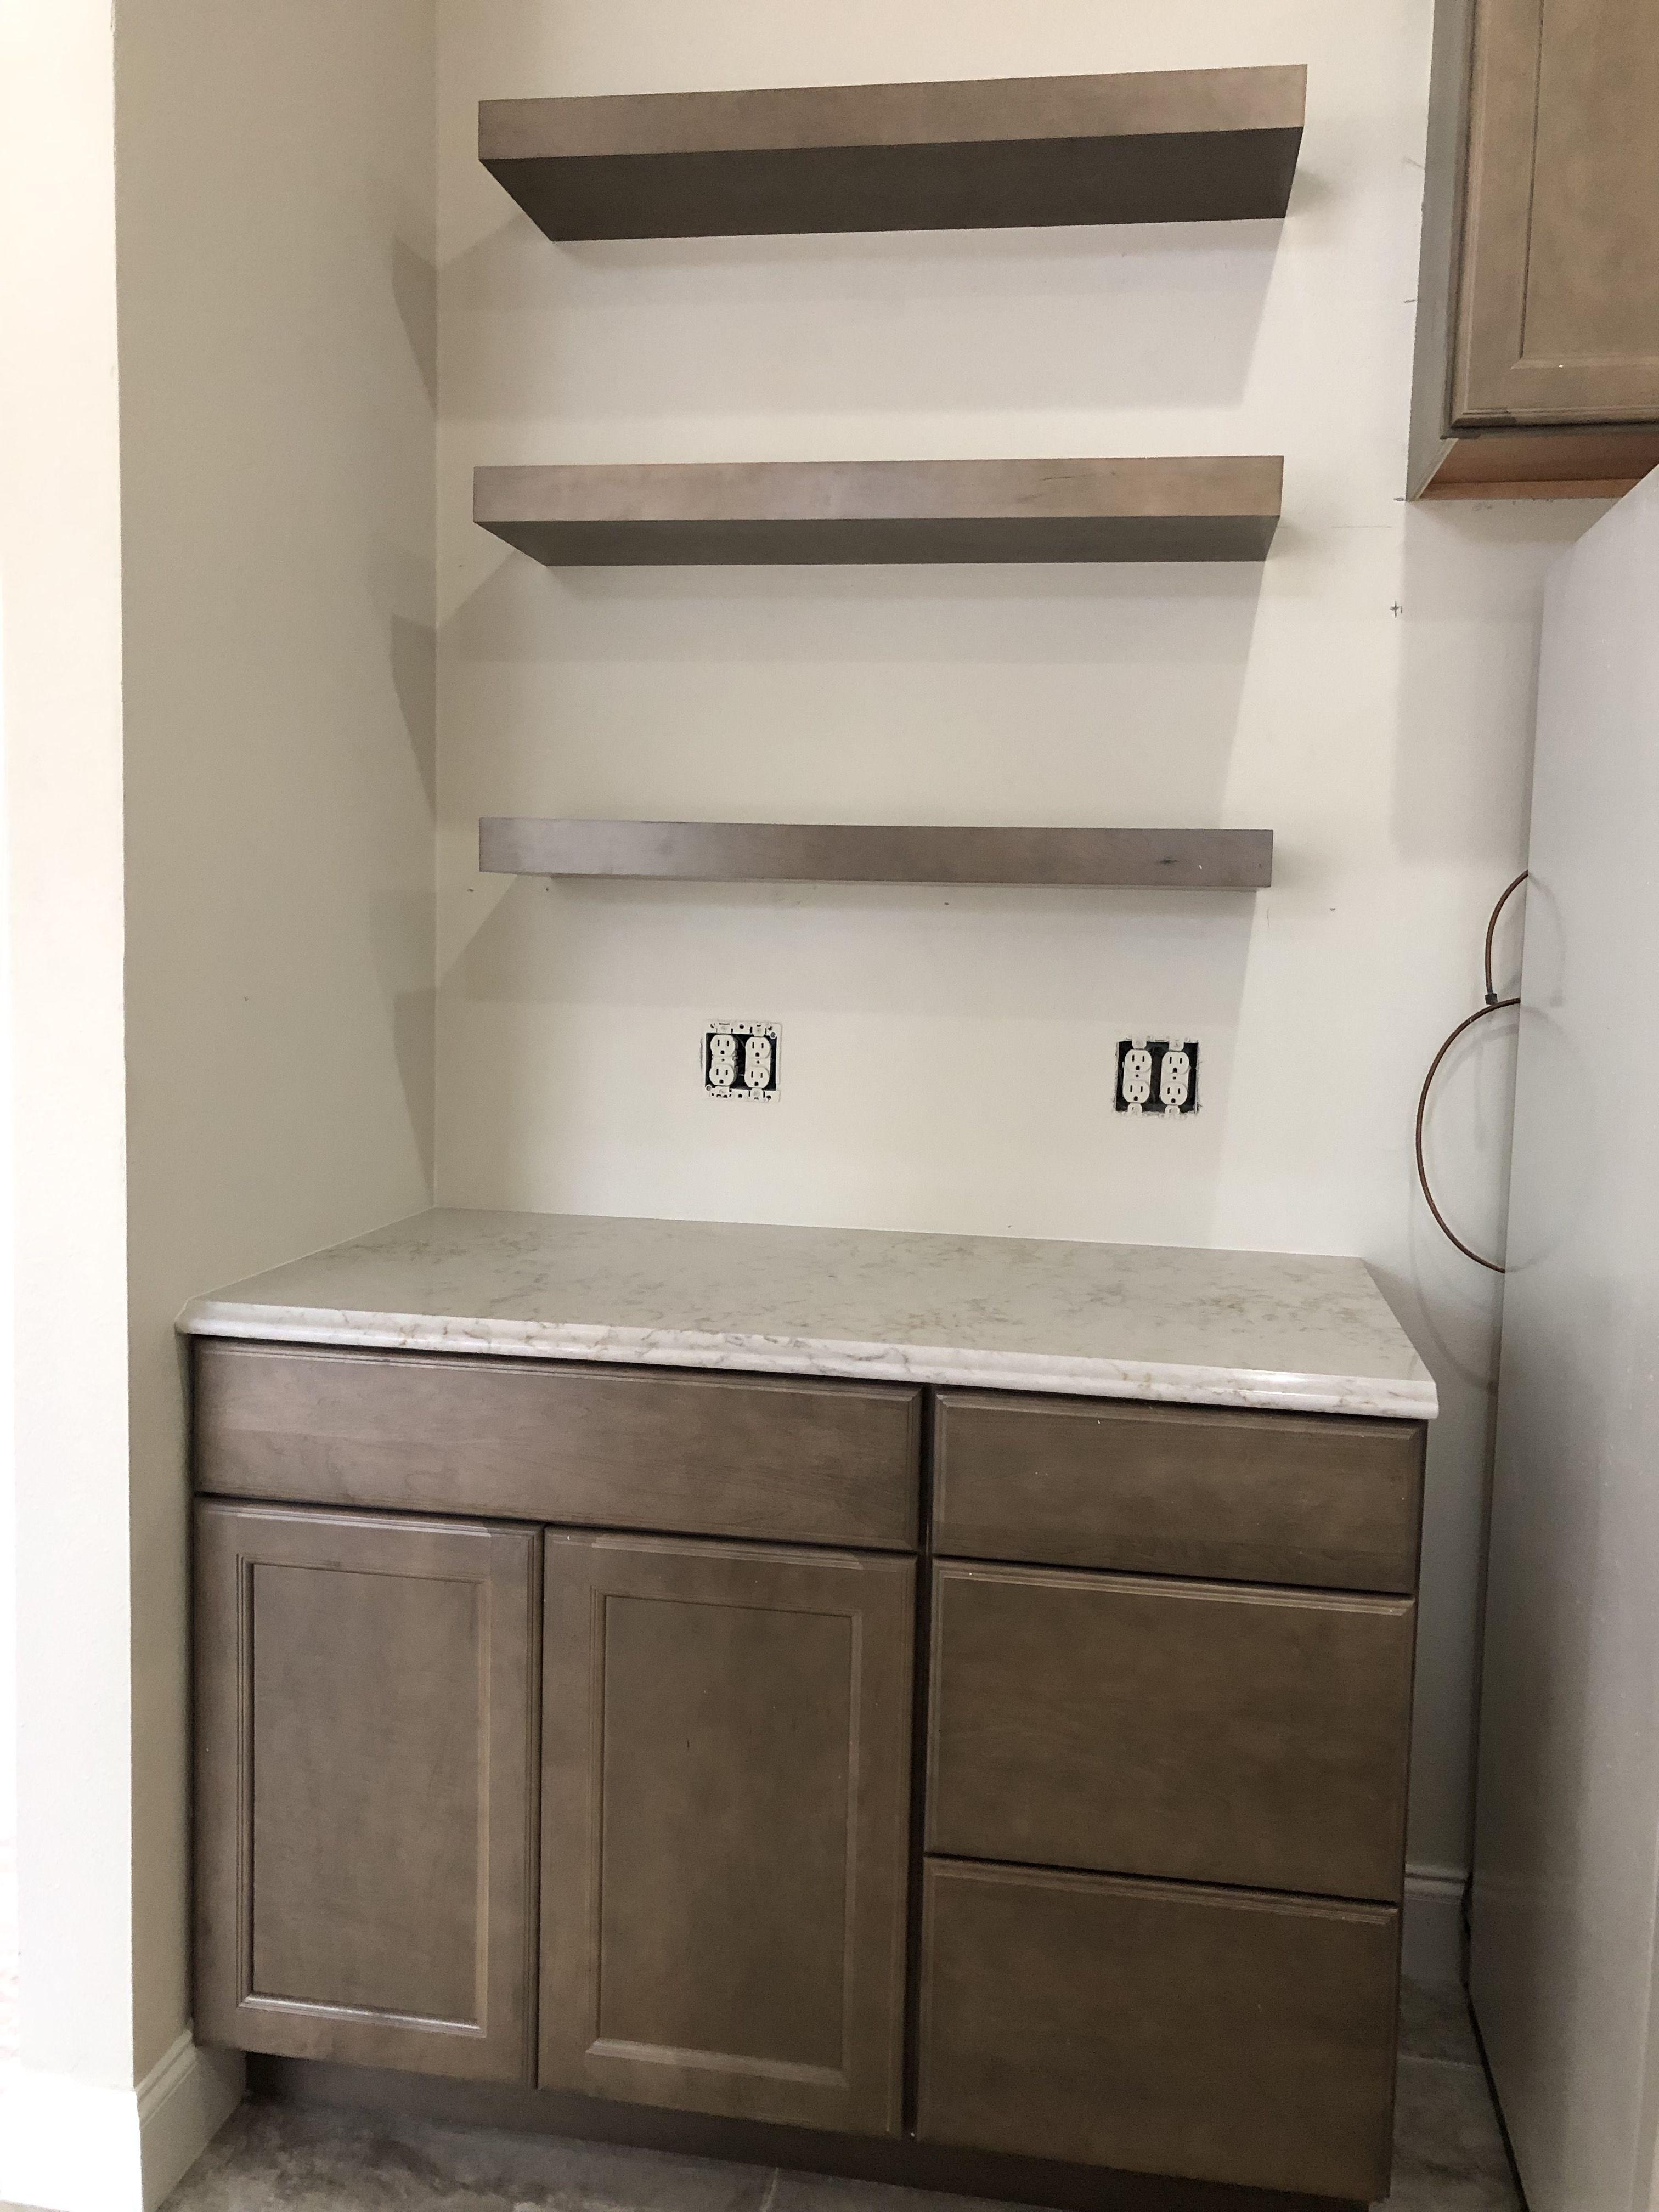 Kemper Cabinets Cabinet White Ducks Design